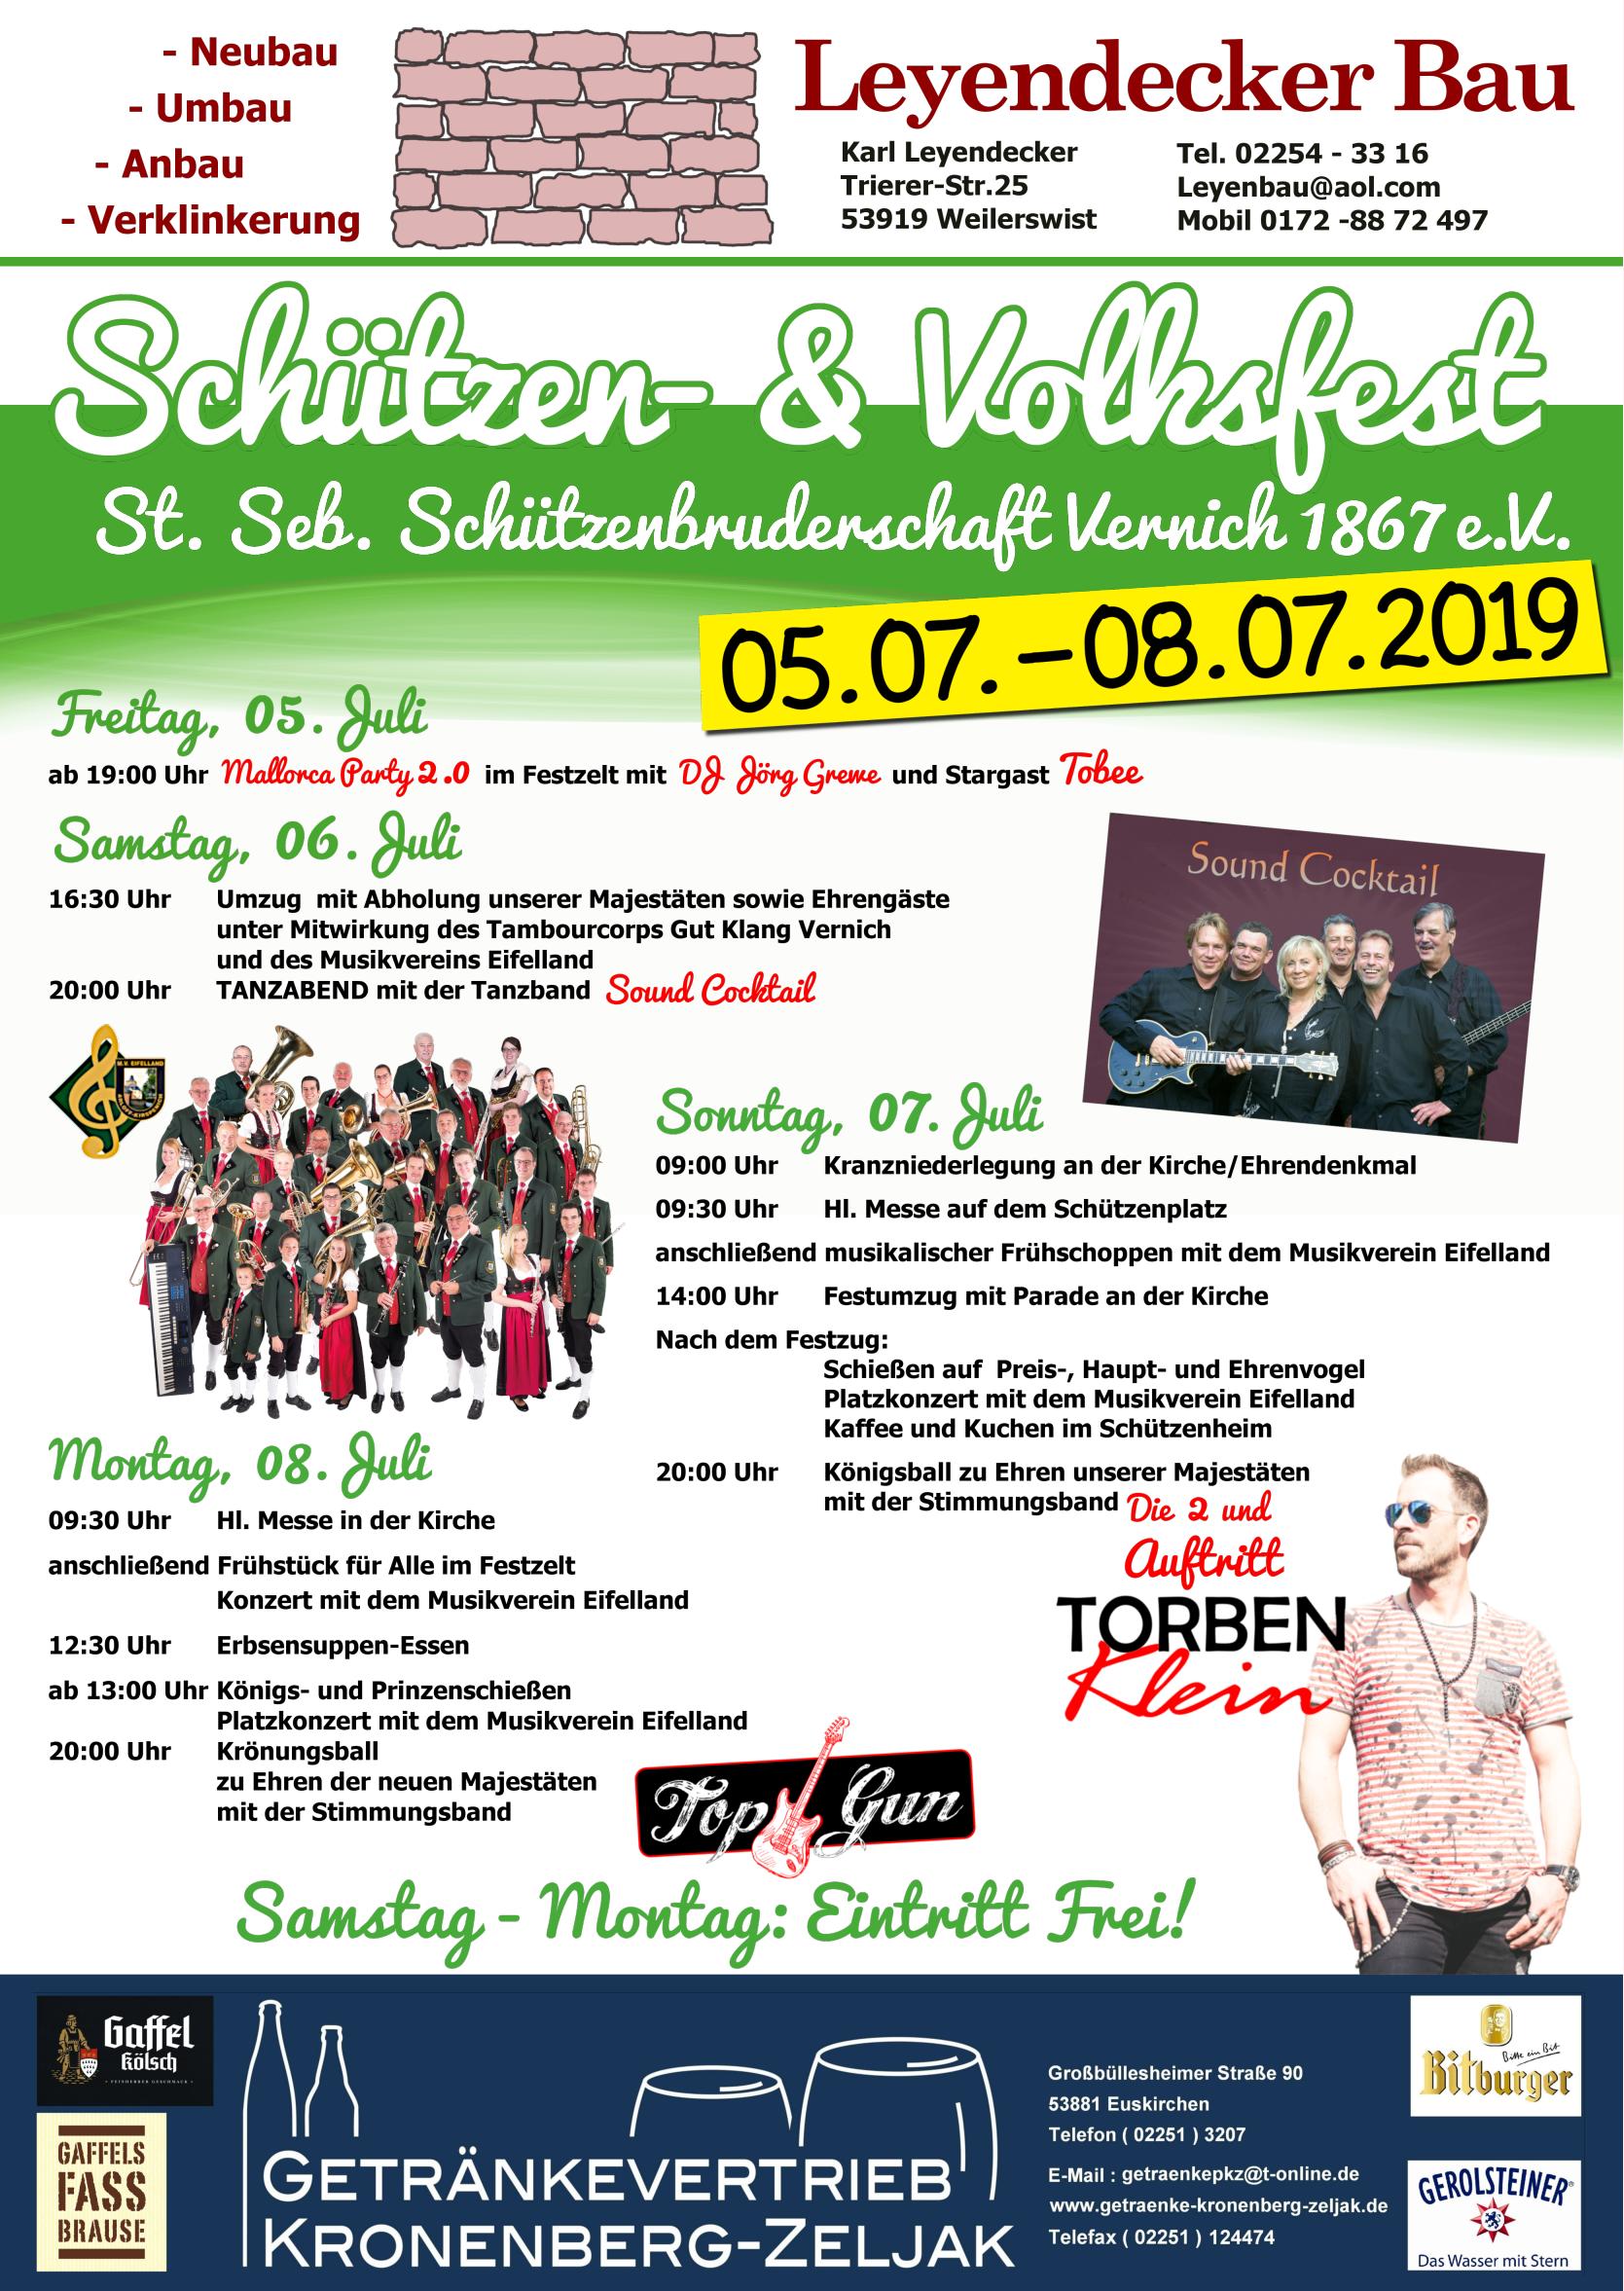 St. Seb. Vernich Schützenfest @ Schützenheim Vernich